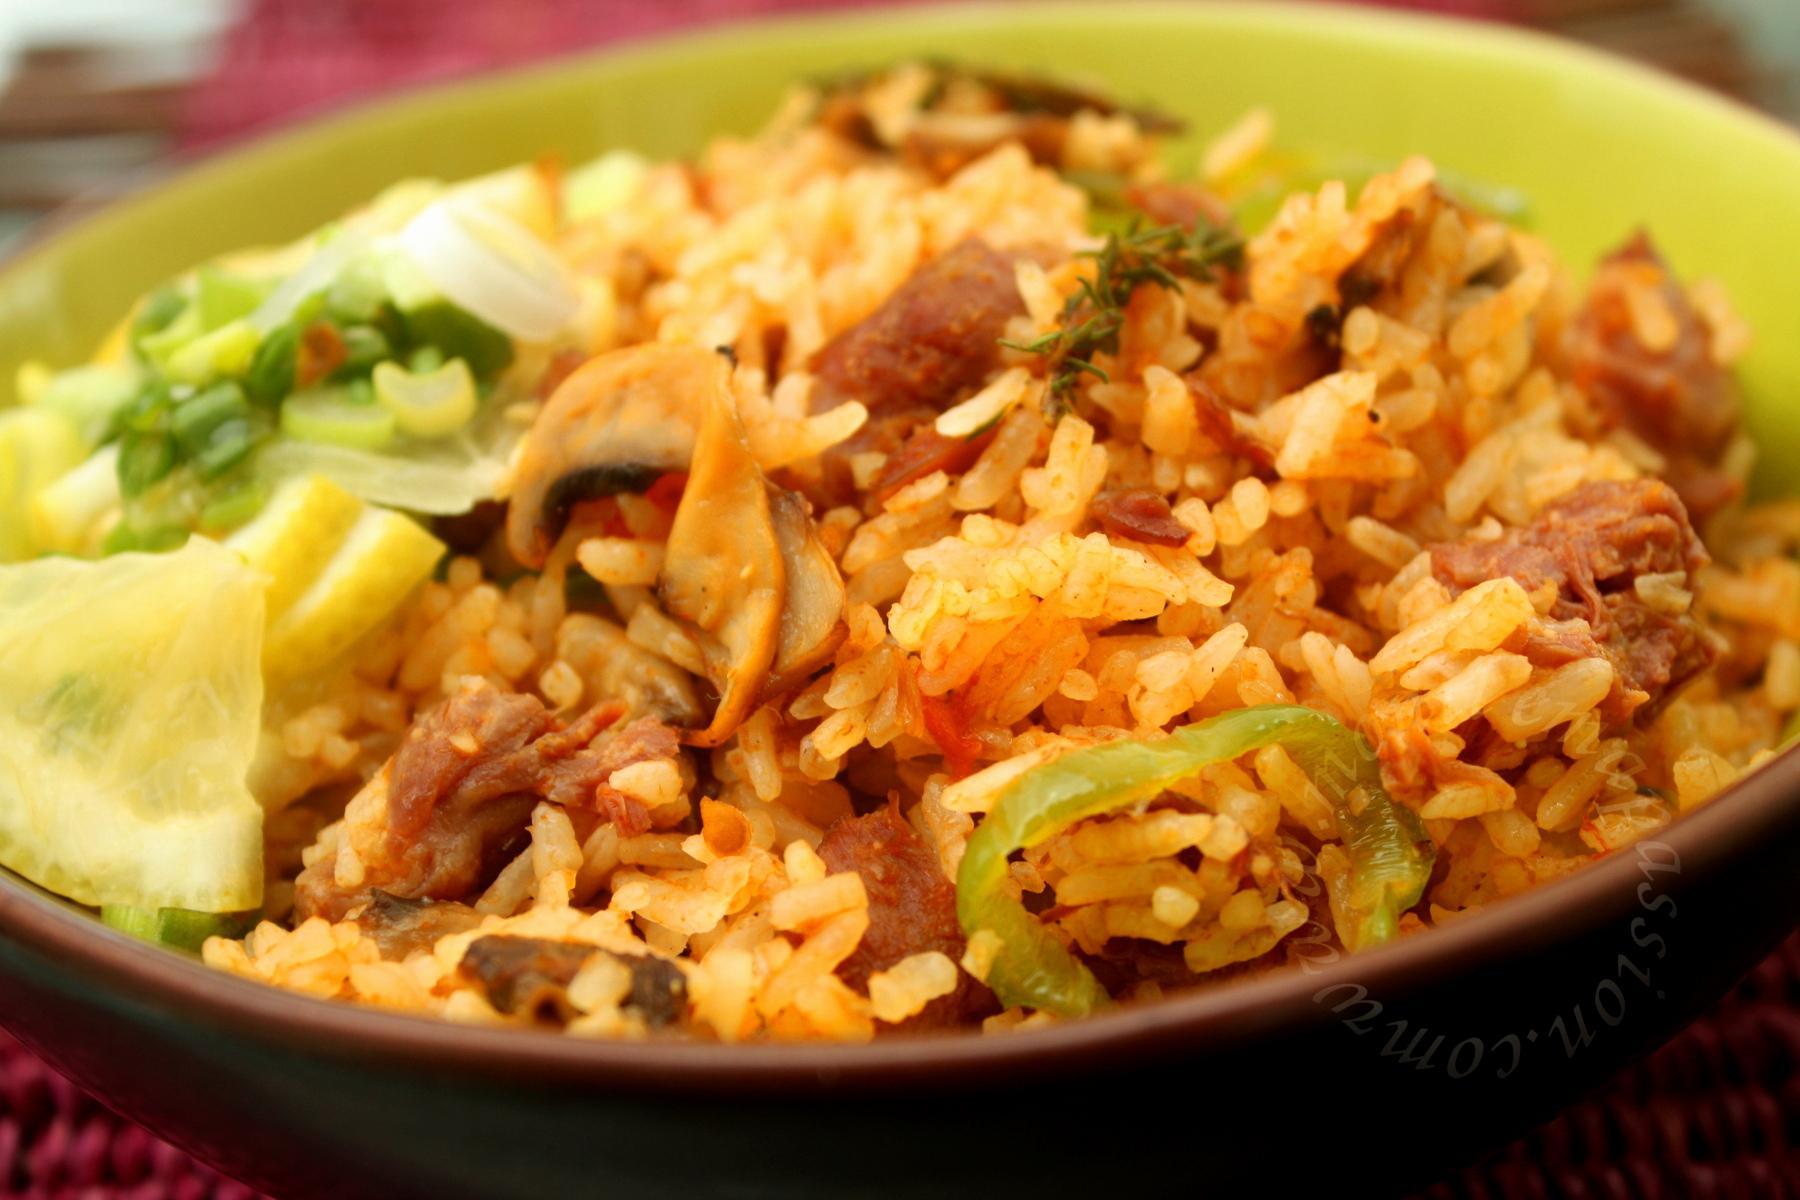 Riz chauffé aux gésiers de poulet – Chicken Gizzards fried rice